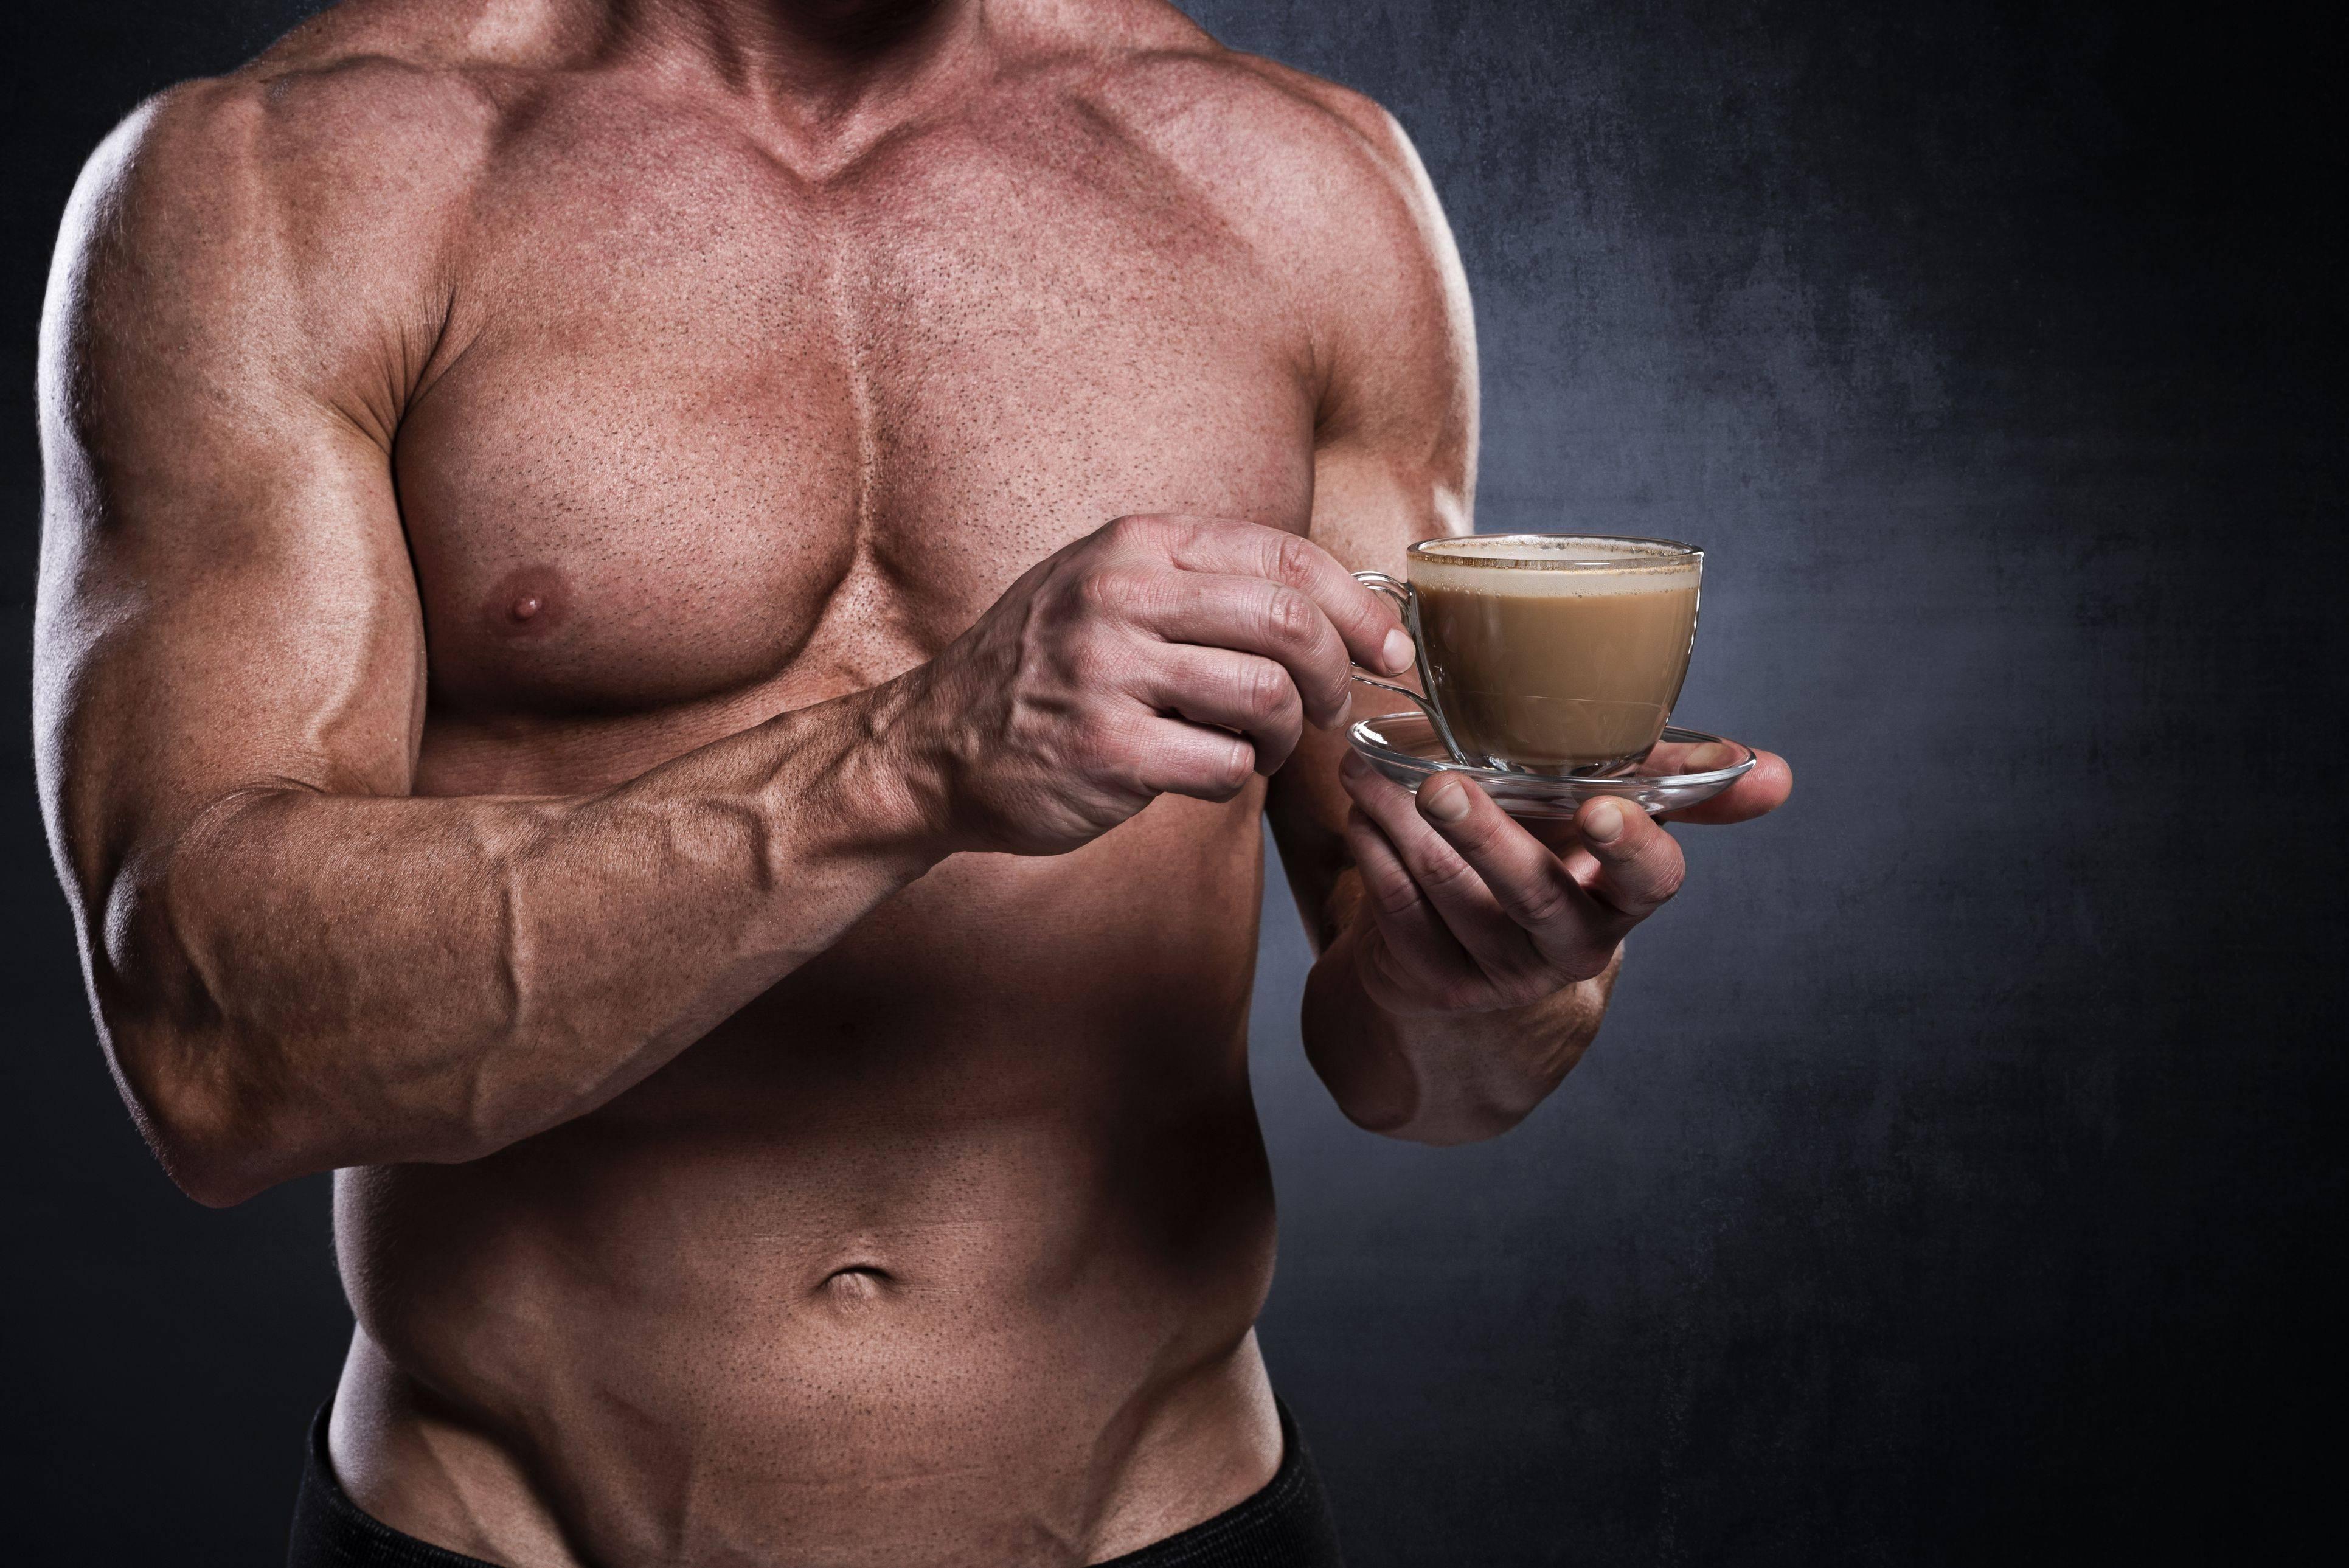 Что пить во время и после тренировки: напитки для тренажерного зала и дома